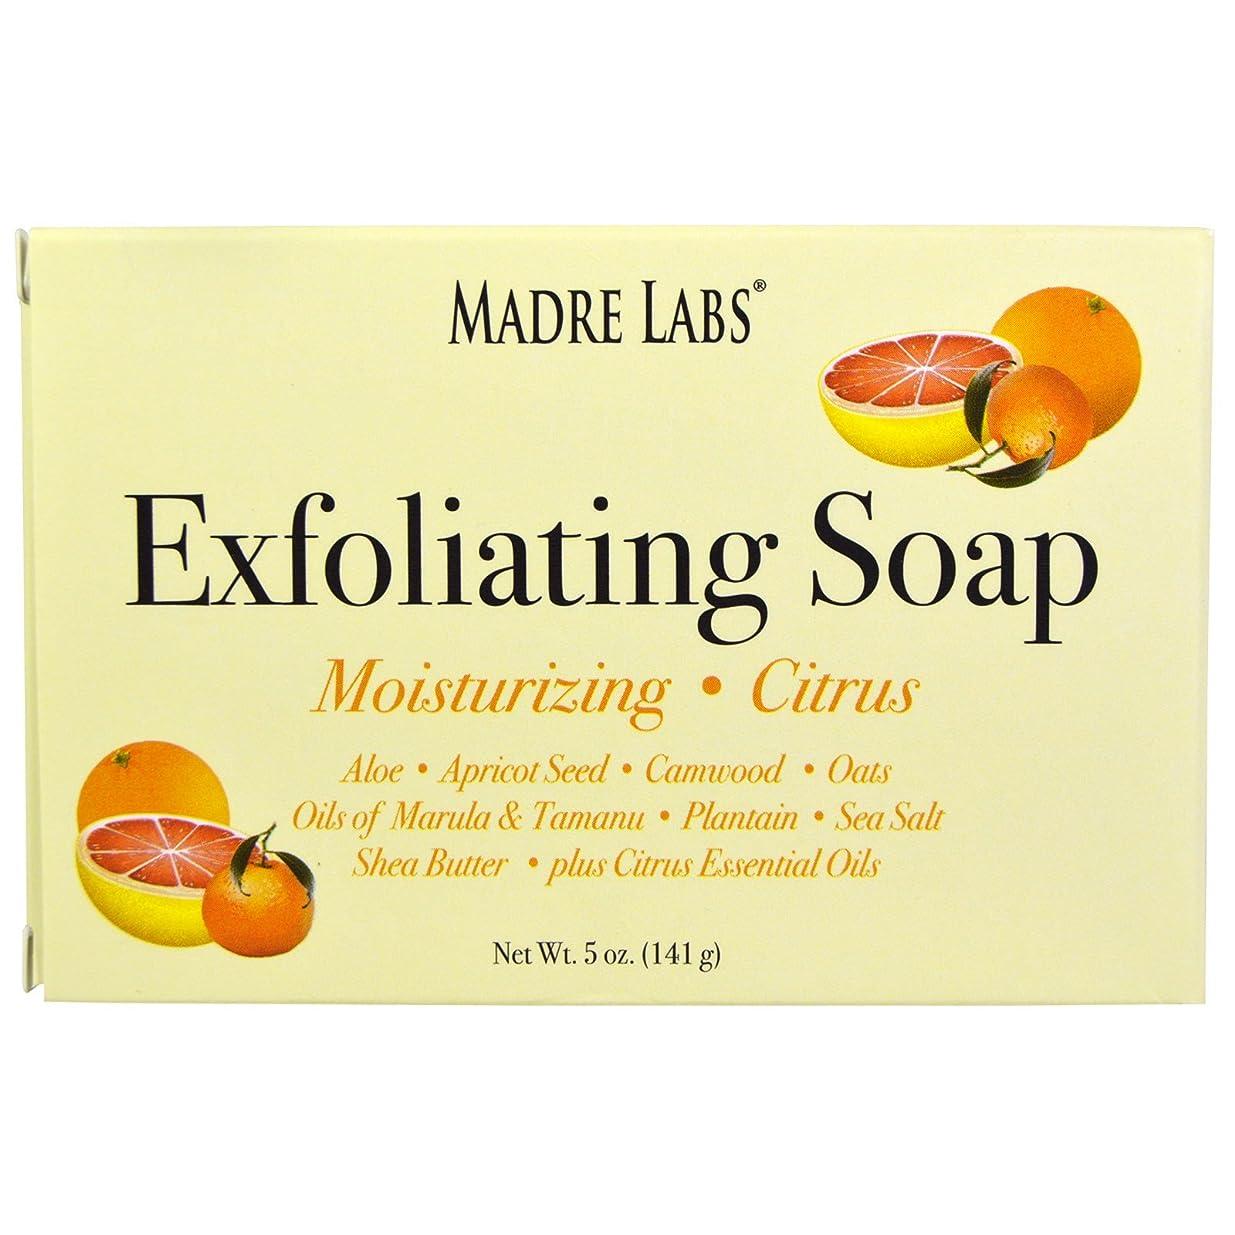 テストぼかす動機付けるマドレラブ シアバター入り石鹸 柑橘フレーバー Madre Labs Exfoliating Soap Bar with Marula & Tamanu Oils plus Shea Butter